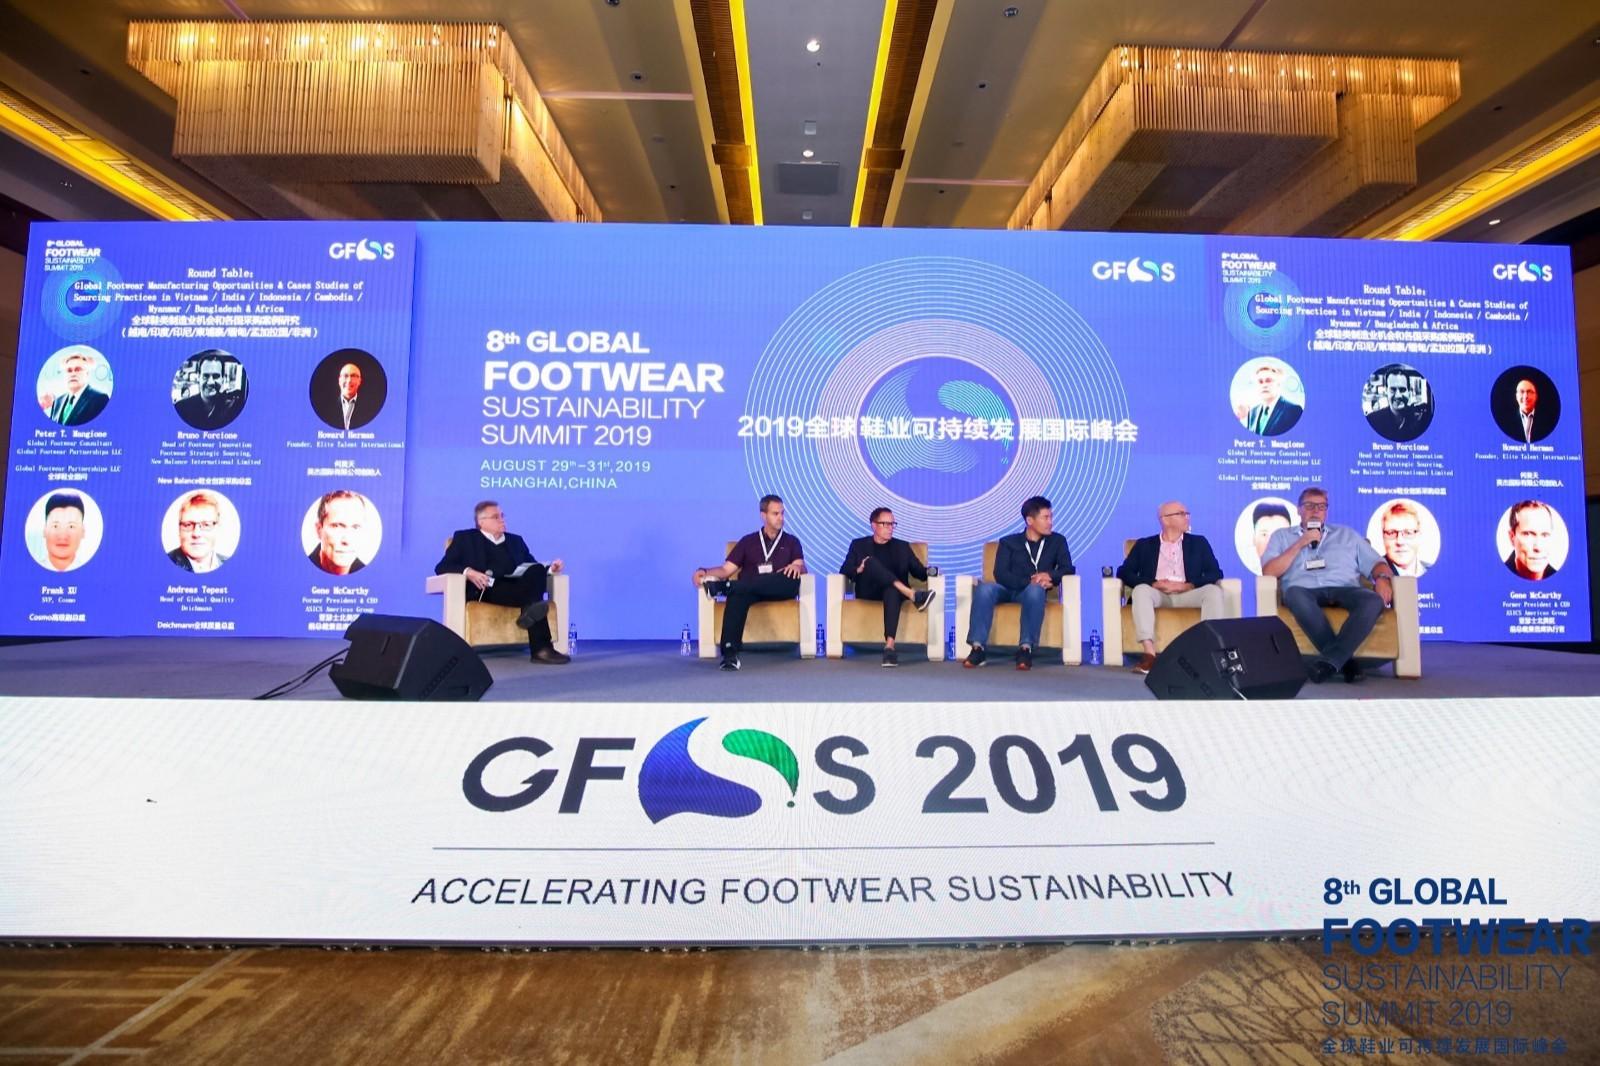 市场波动,中国鞋业的未来在哪儿?这里有业内专家的7点观察